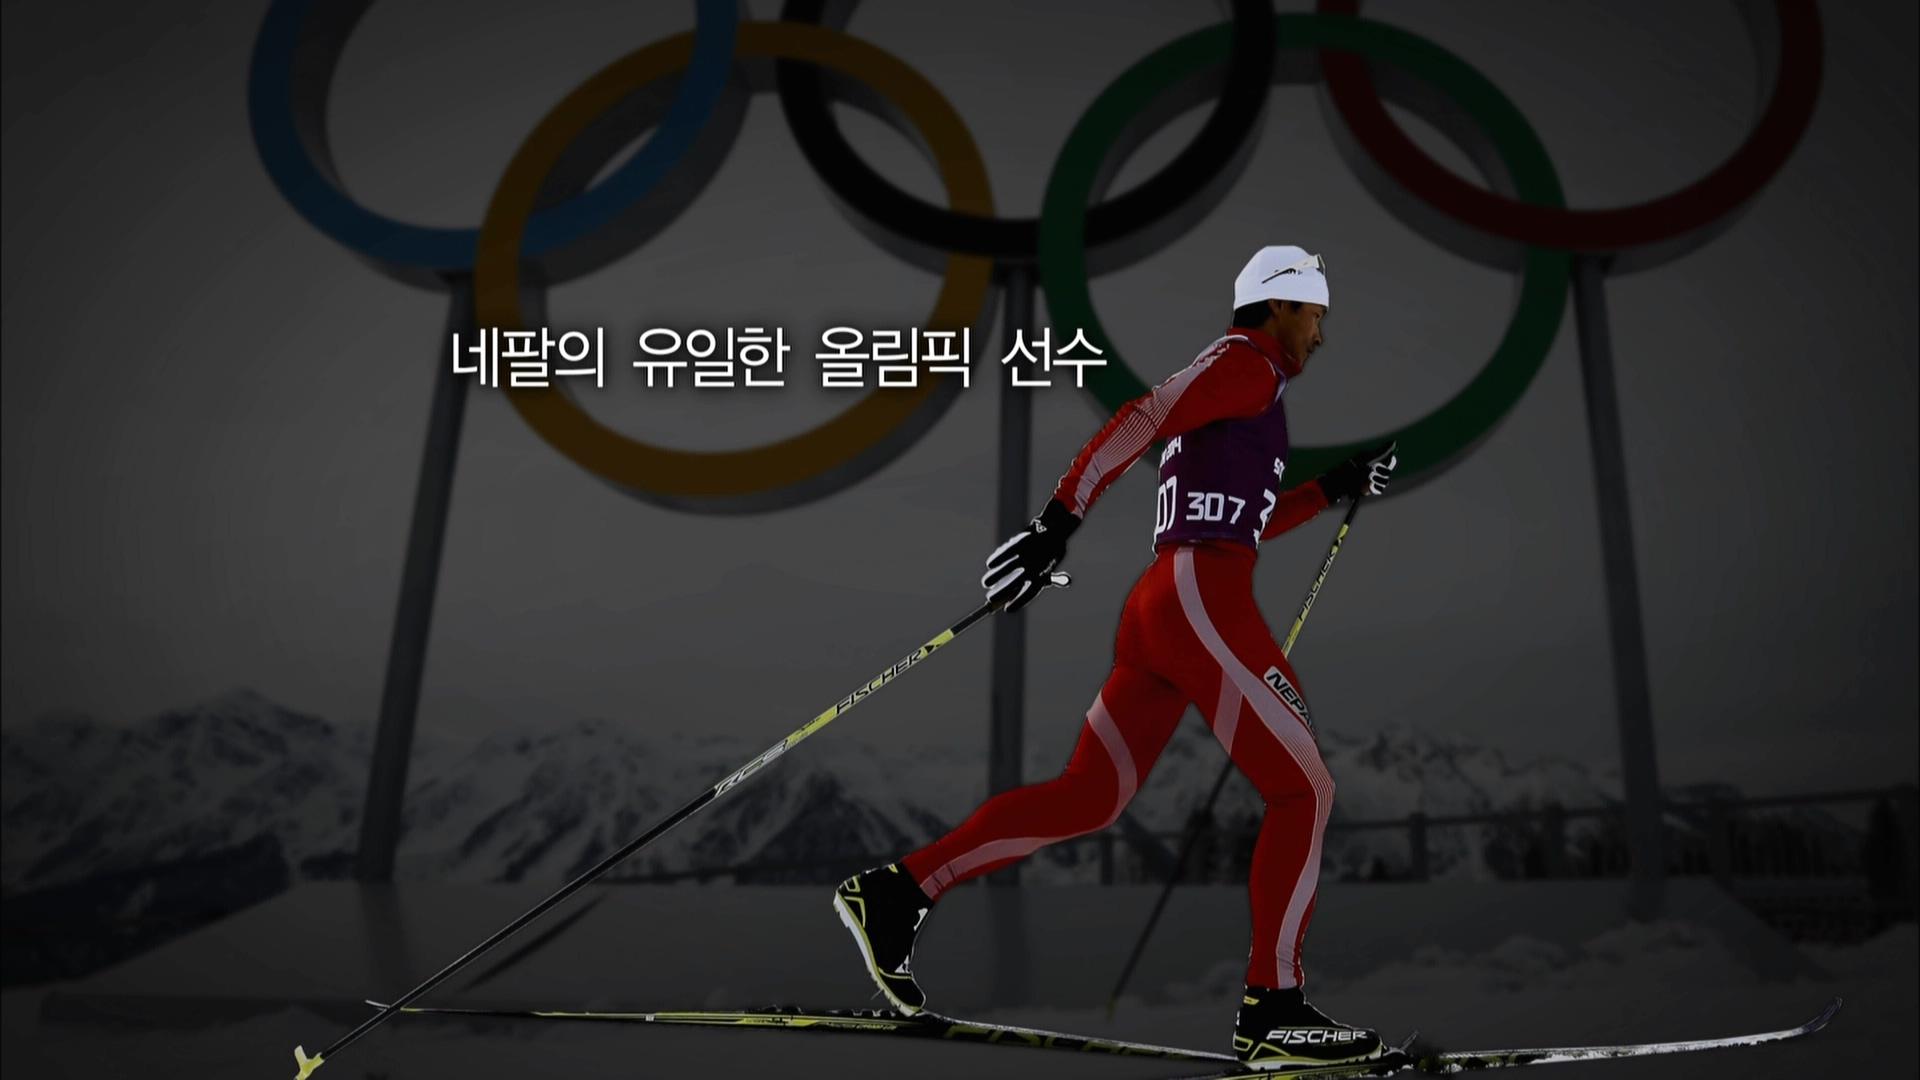 다와의 올림픽